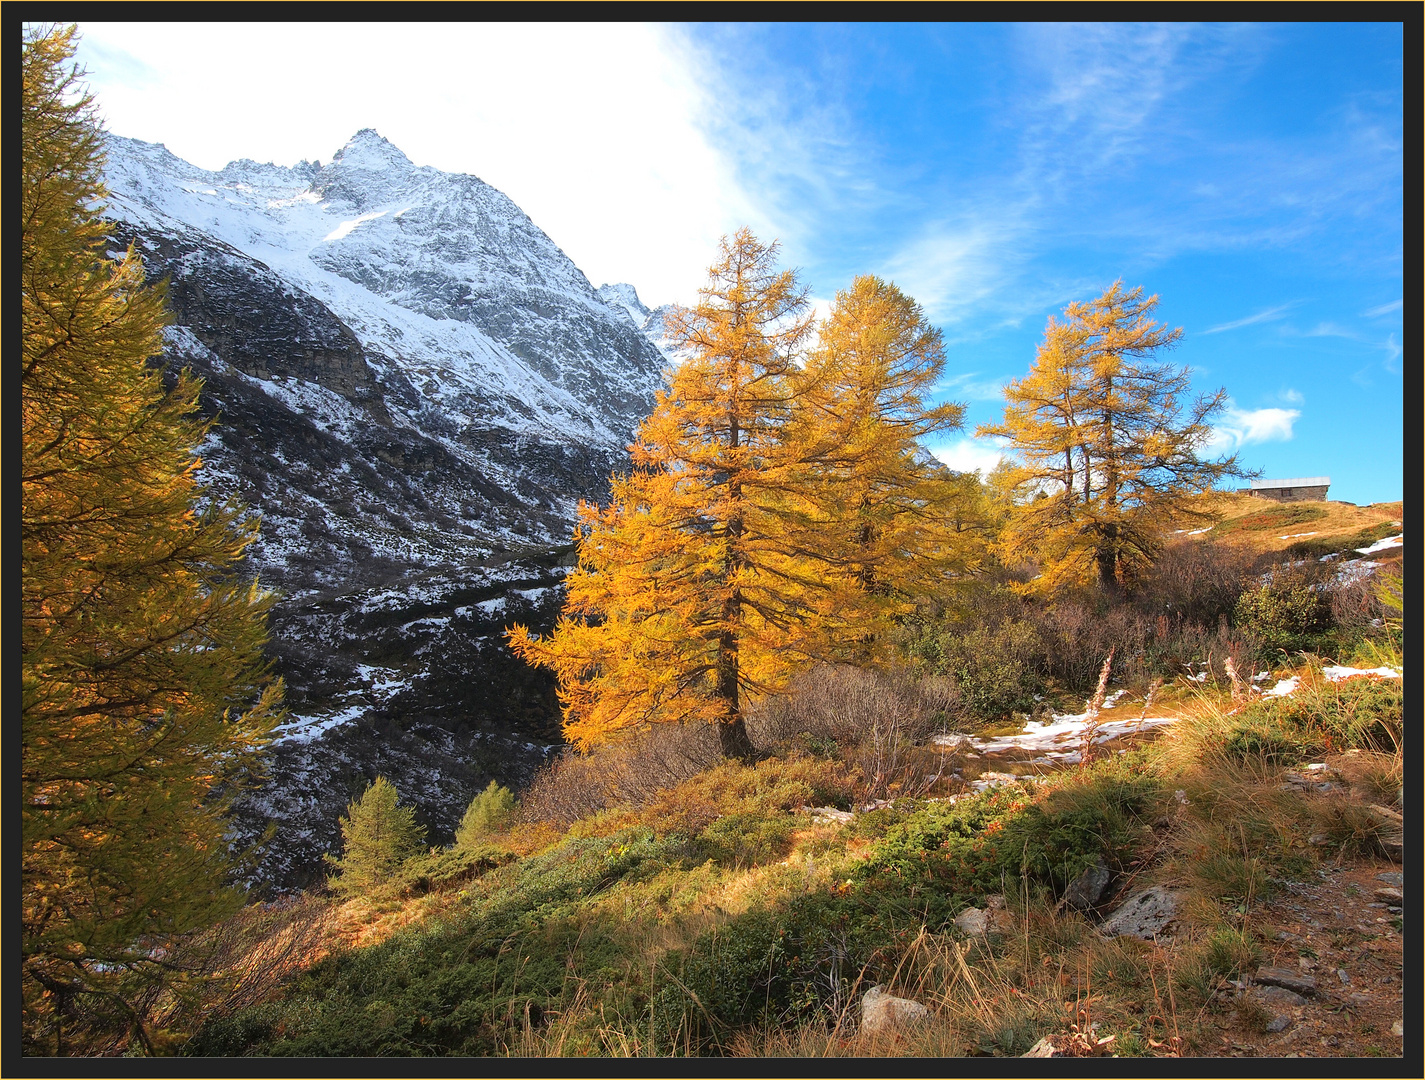 Herbst und Winter...